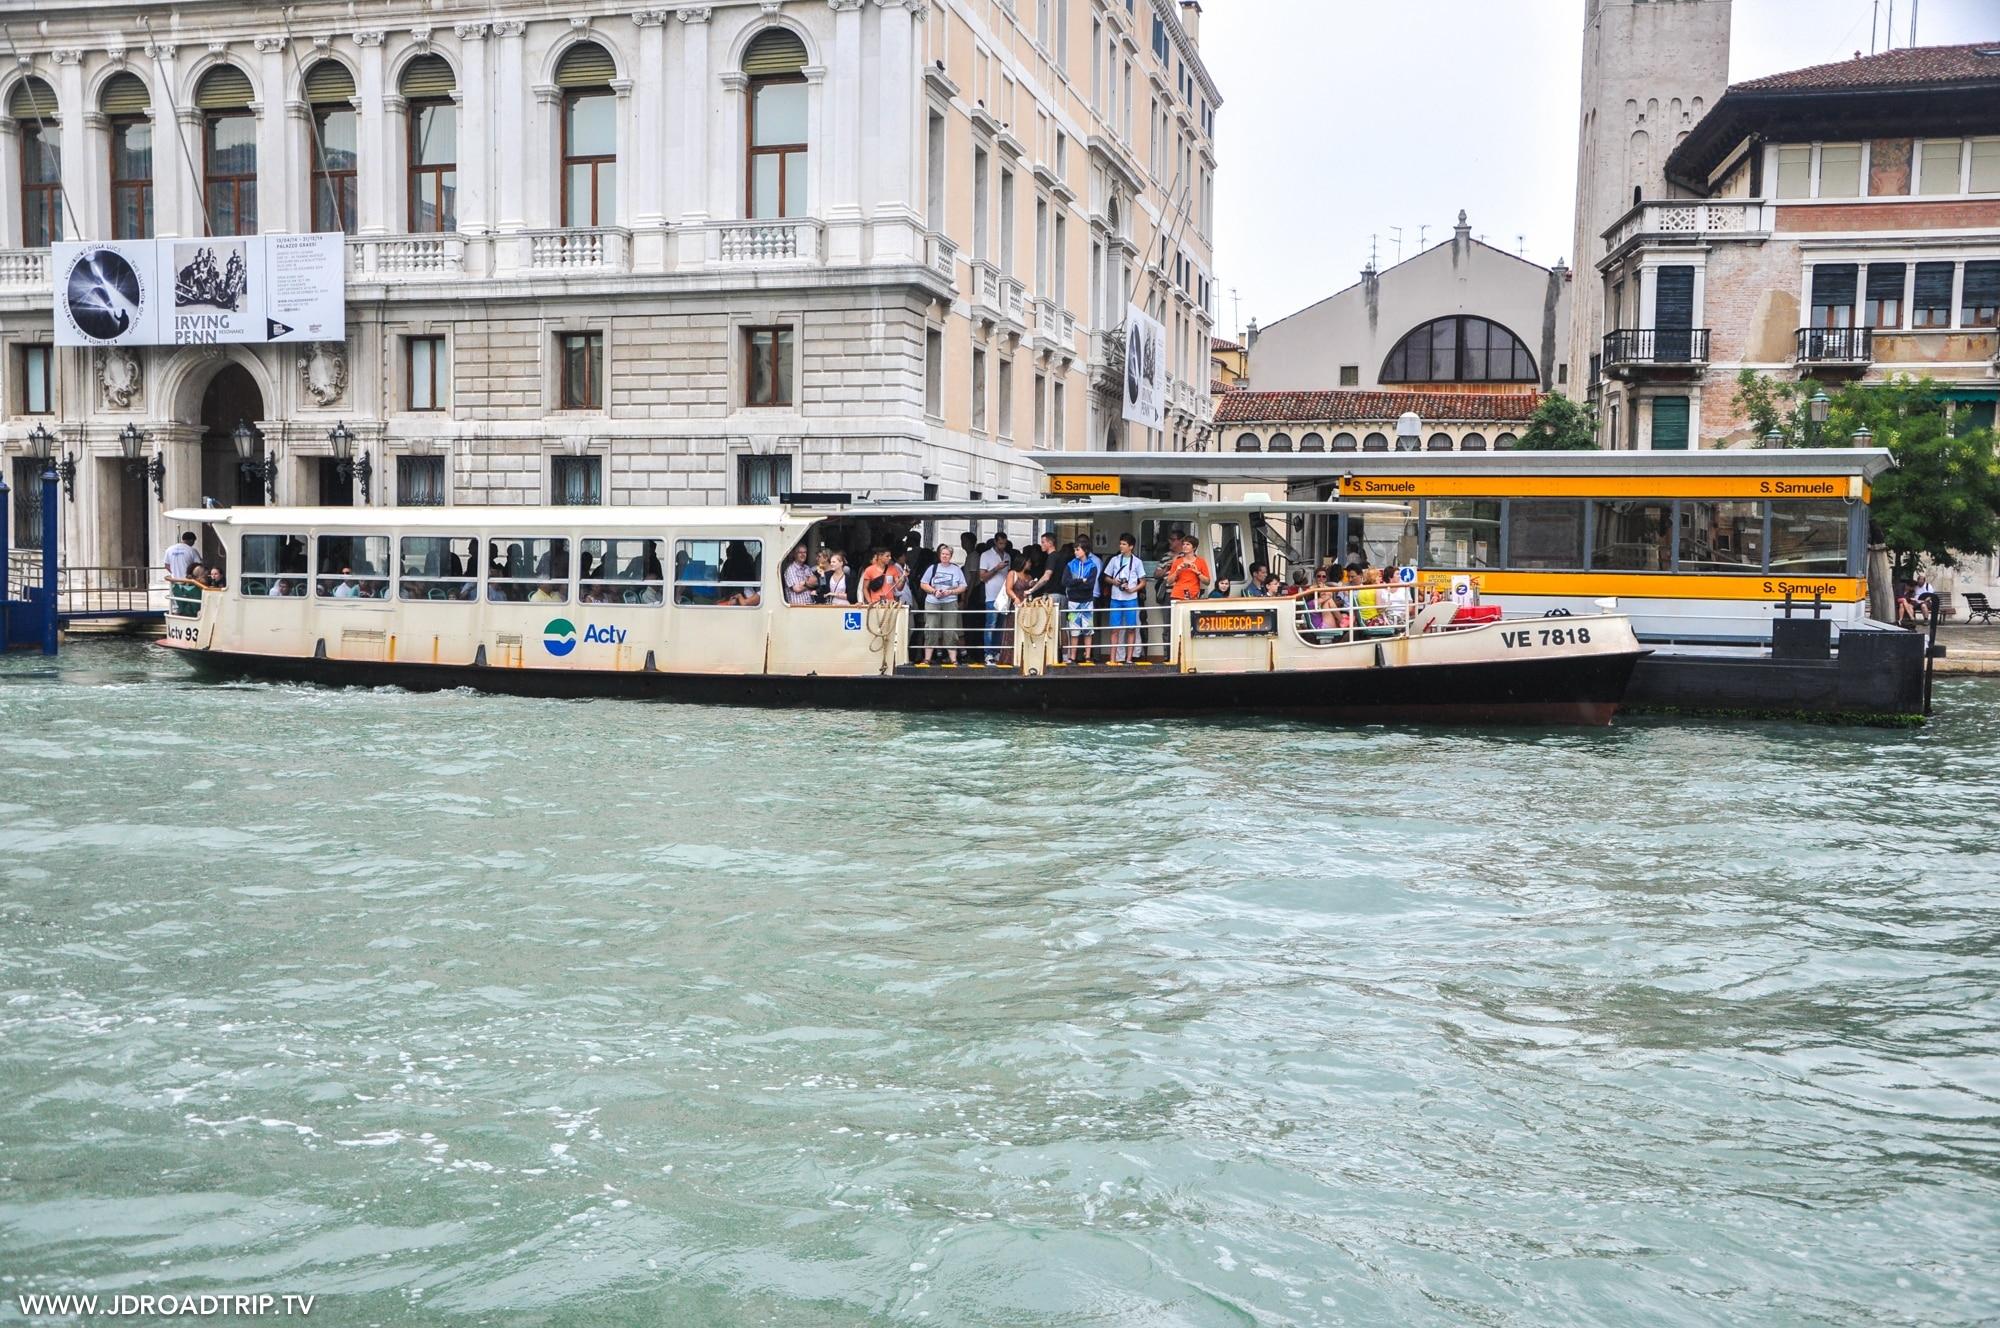 Visiter Venise en 3 jours - Vaporetto